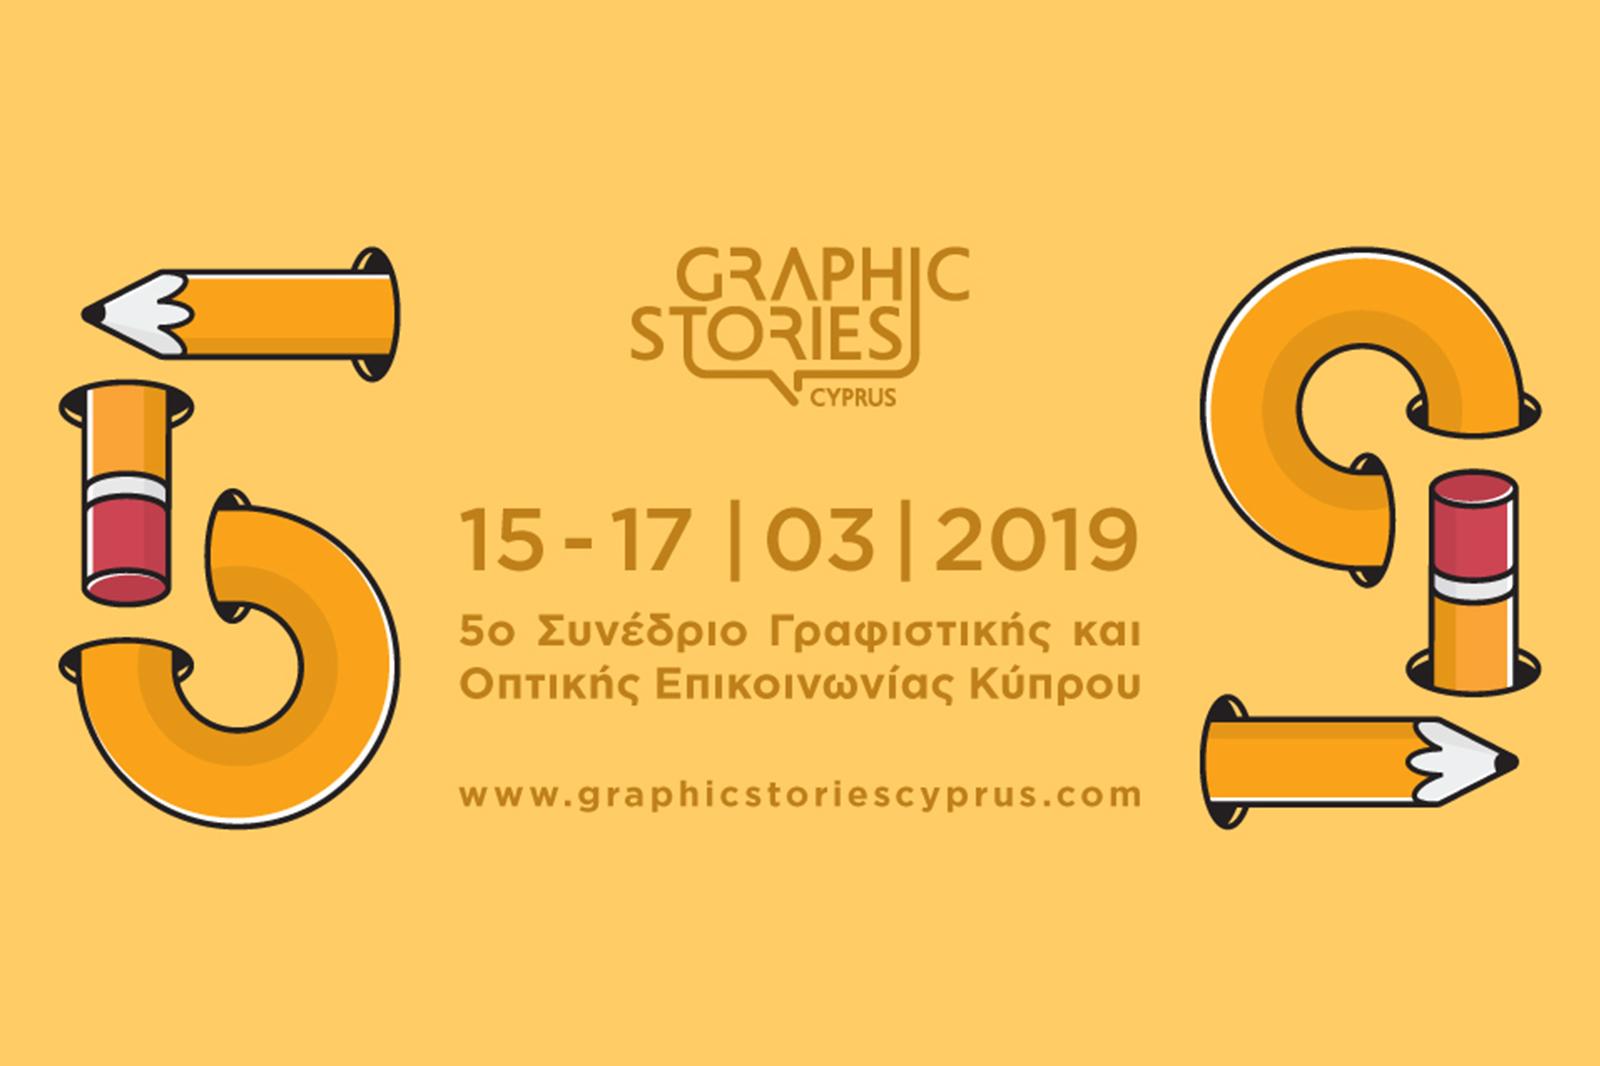 5ο Συνέδριο Γραφιστικής και Οπτικής Επικοινωνίας Κύπρου